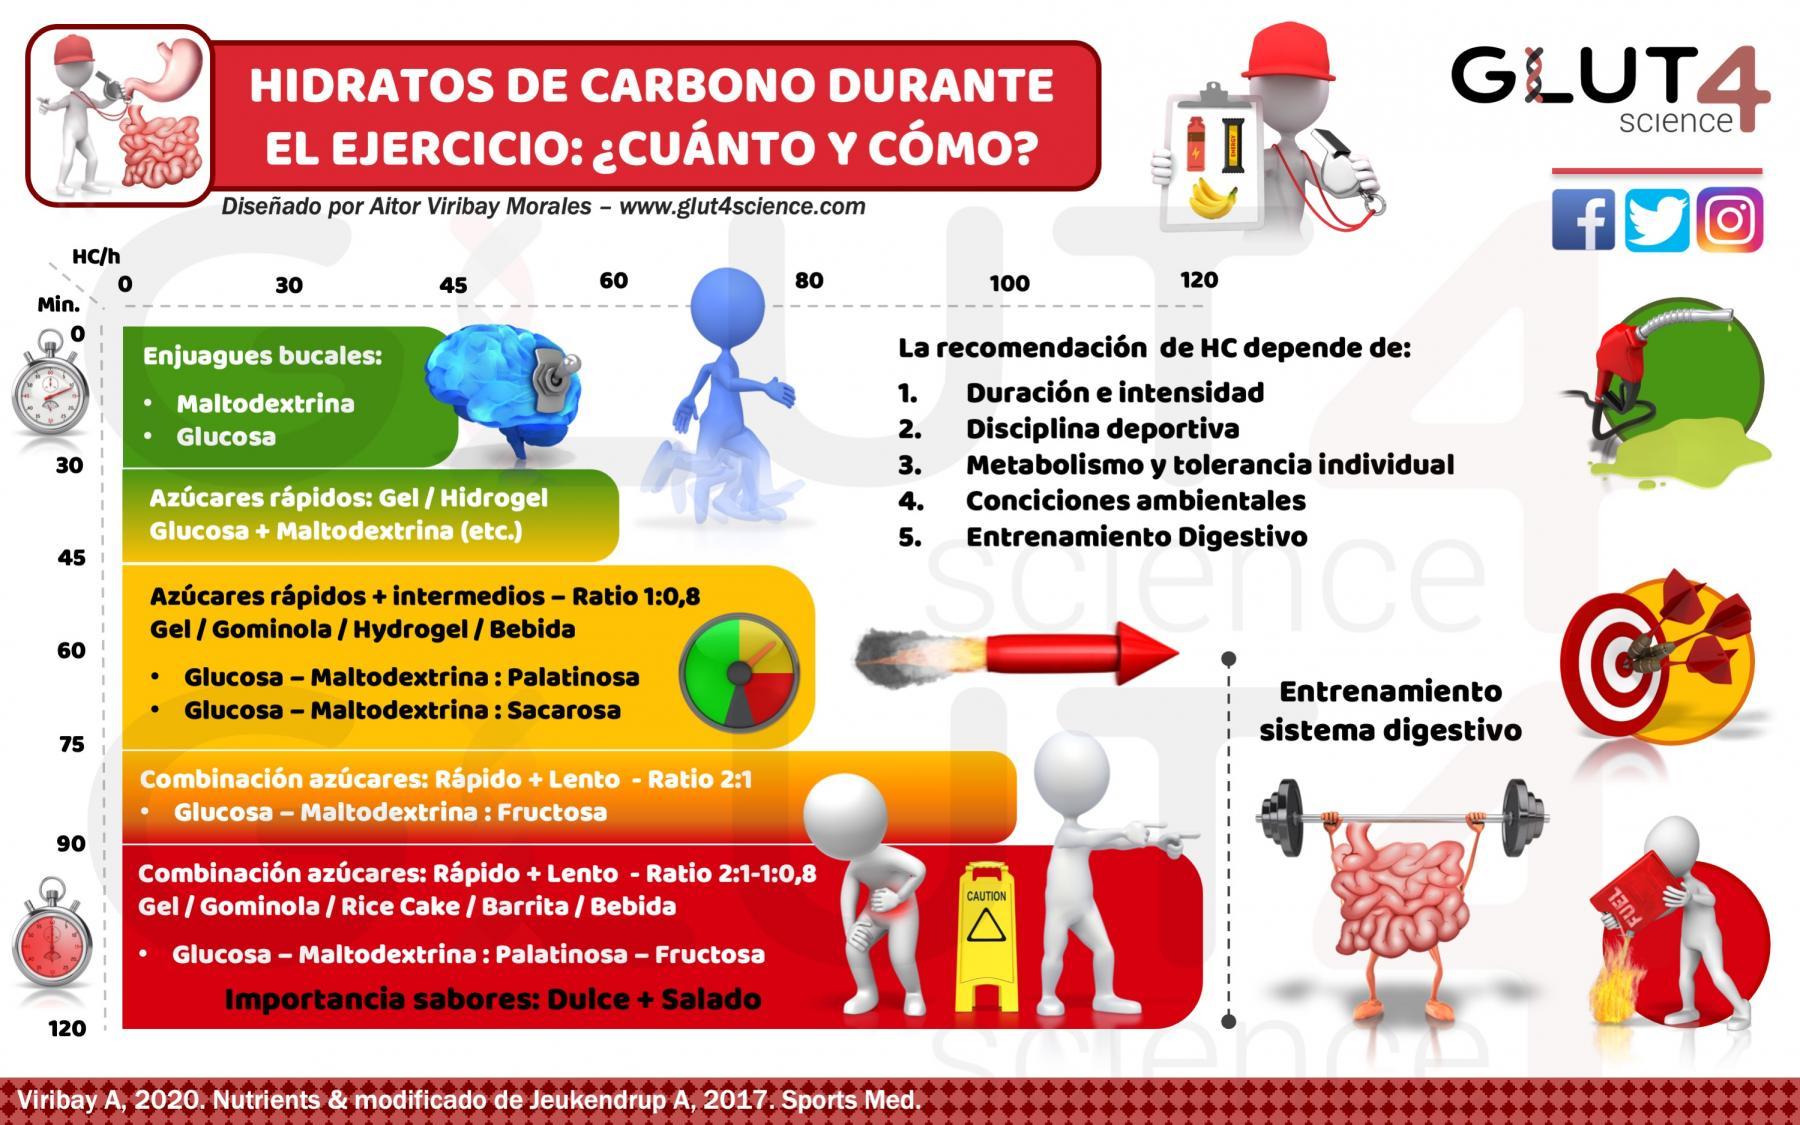 Hidratos de Carbono durante el ejercicio: Recomendaciones